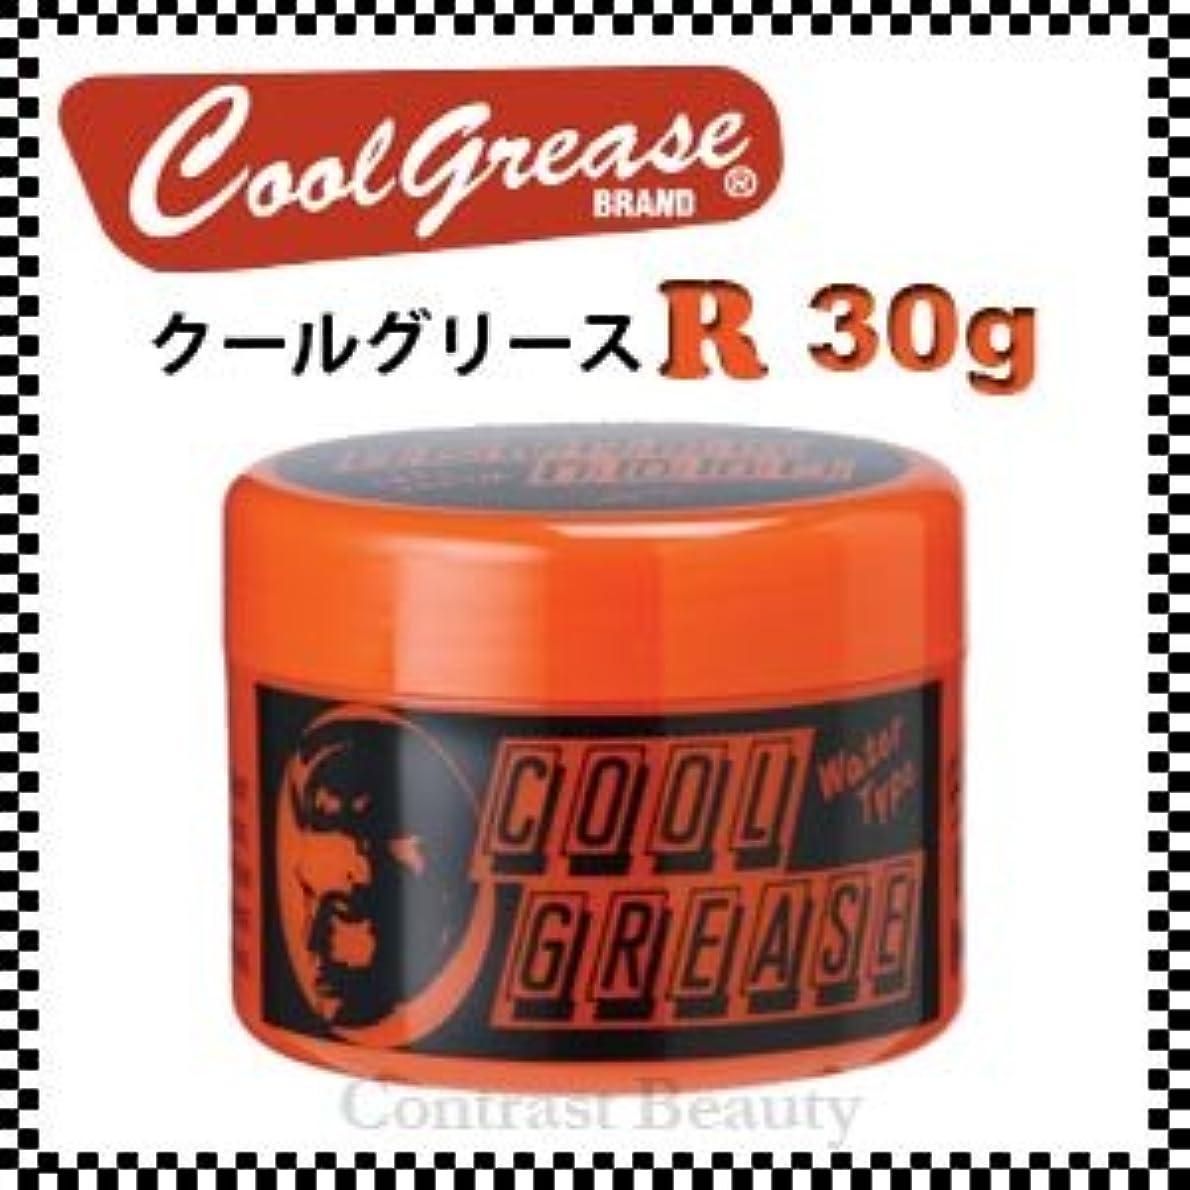 回答ブラインドソファー阪本高生堂 クールグリース R 30g